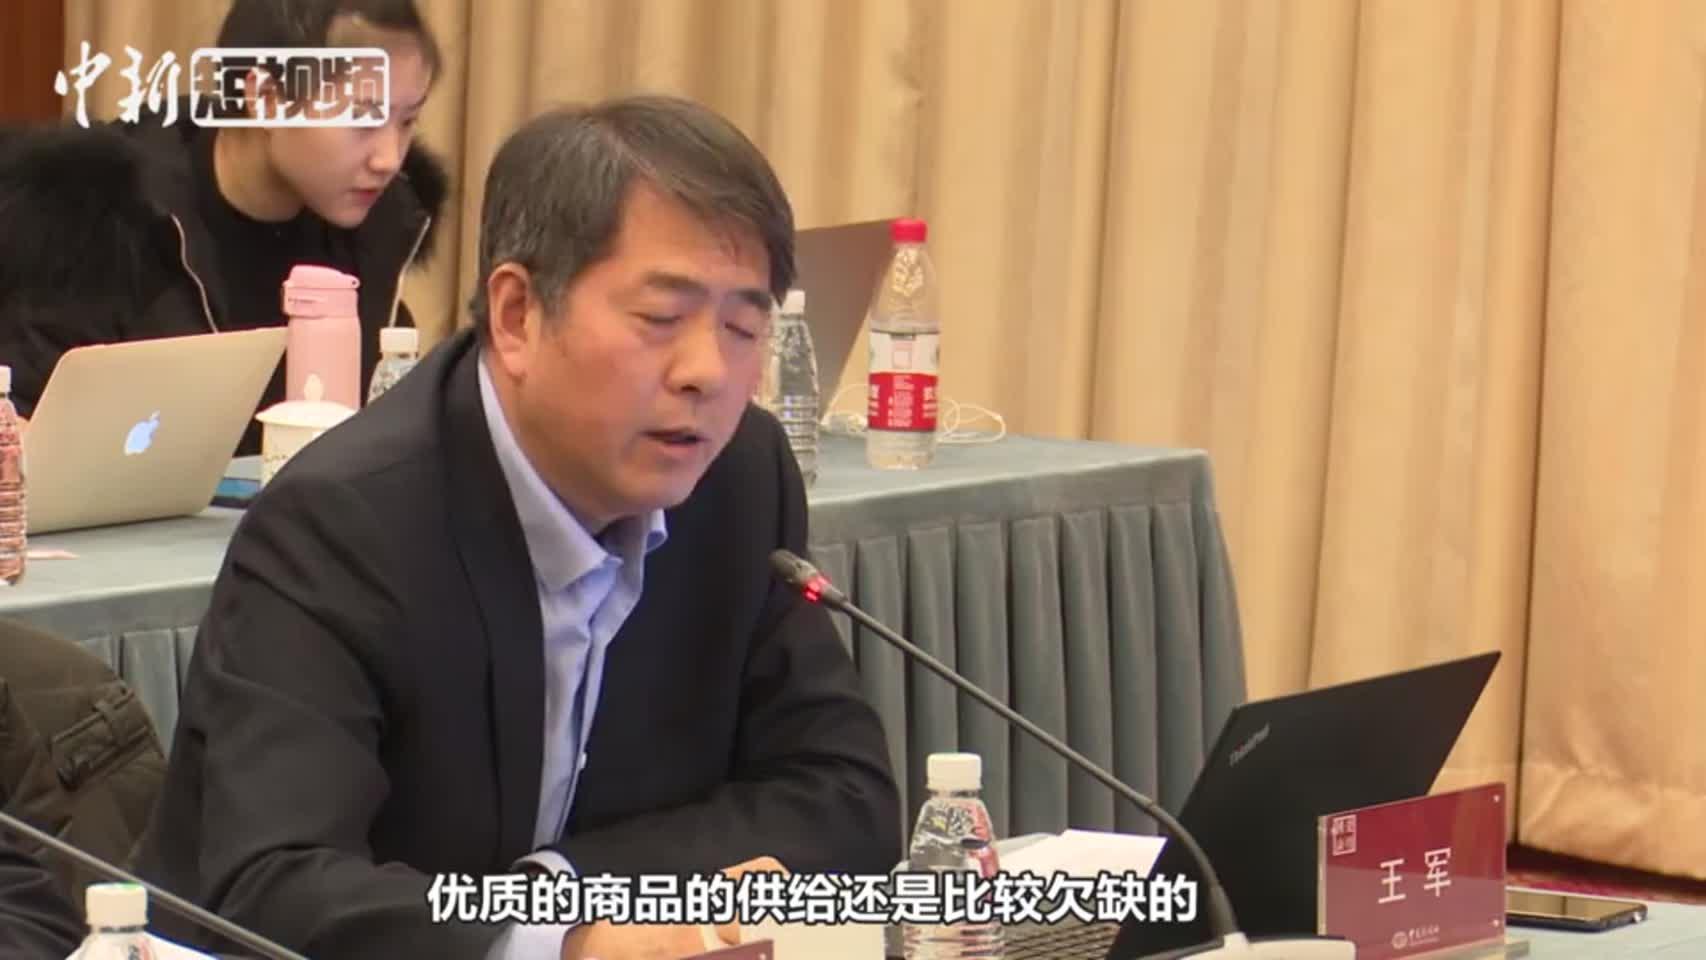 王军:下沉市场贡献了中国三分之二经济增长 将成为消费增长新引擎